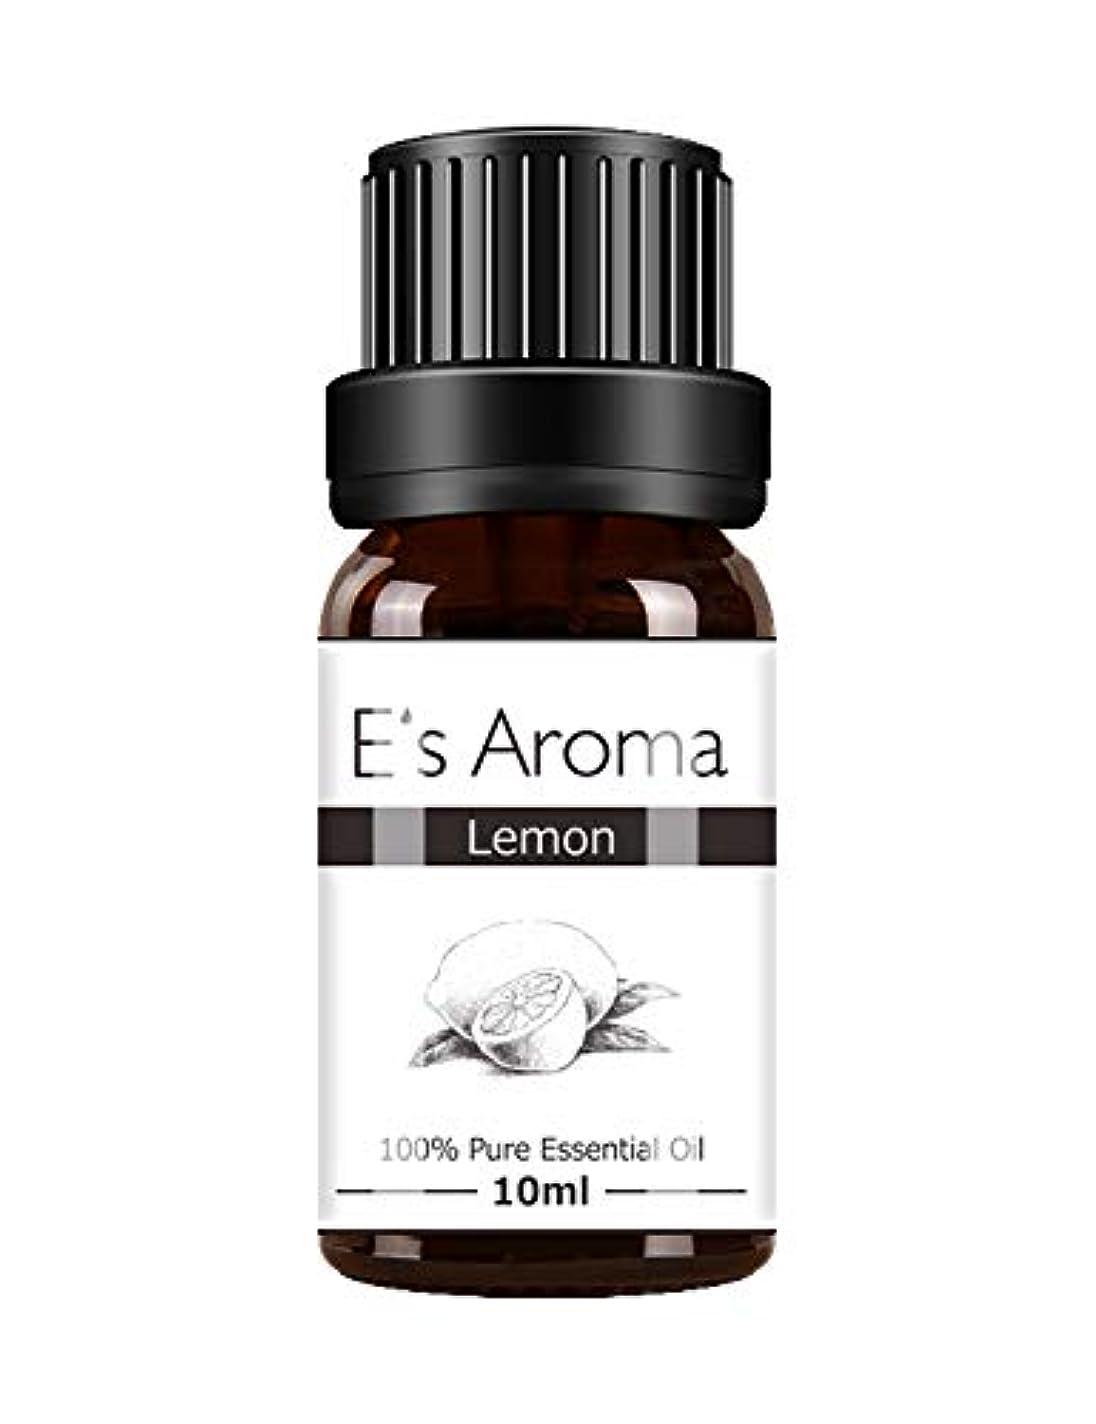 署名食堂限りE's Aroma アロマオイル シングル 100%純正 エッセンシャルオイル 厳選精油 10ml レモン